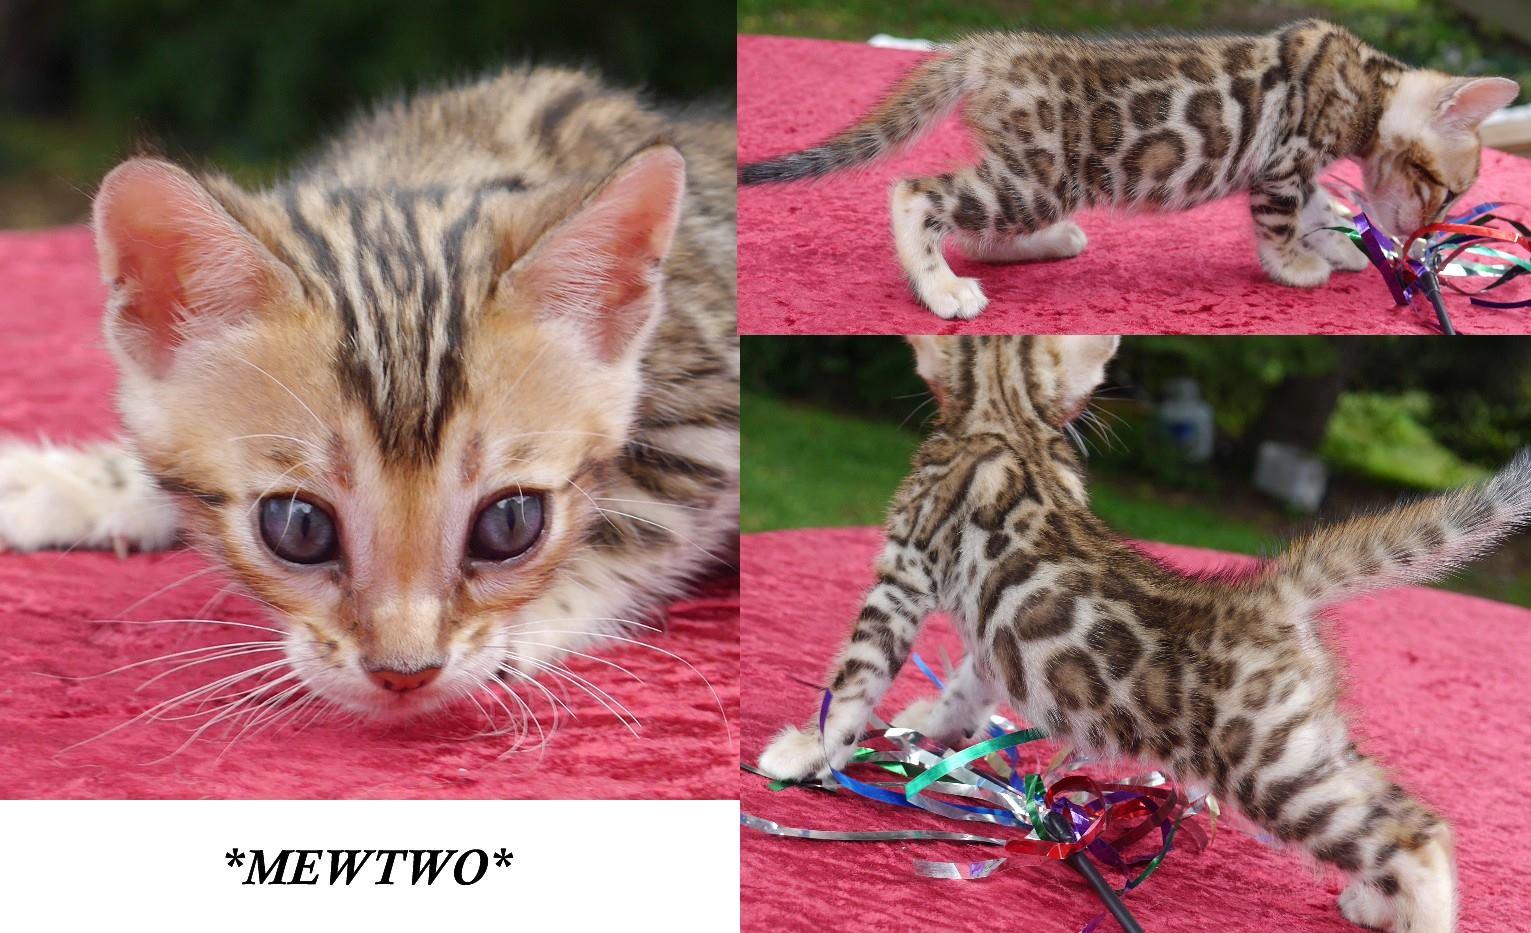 Mewtwo 5 weeks